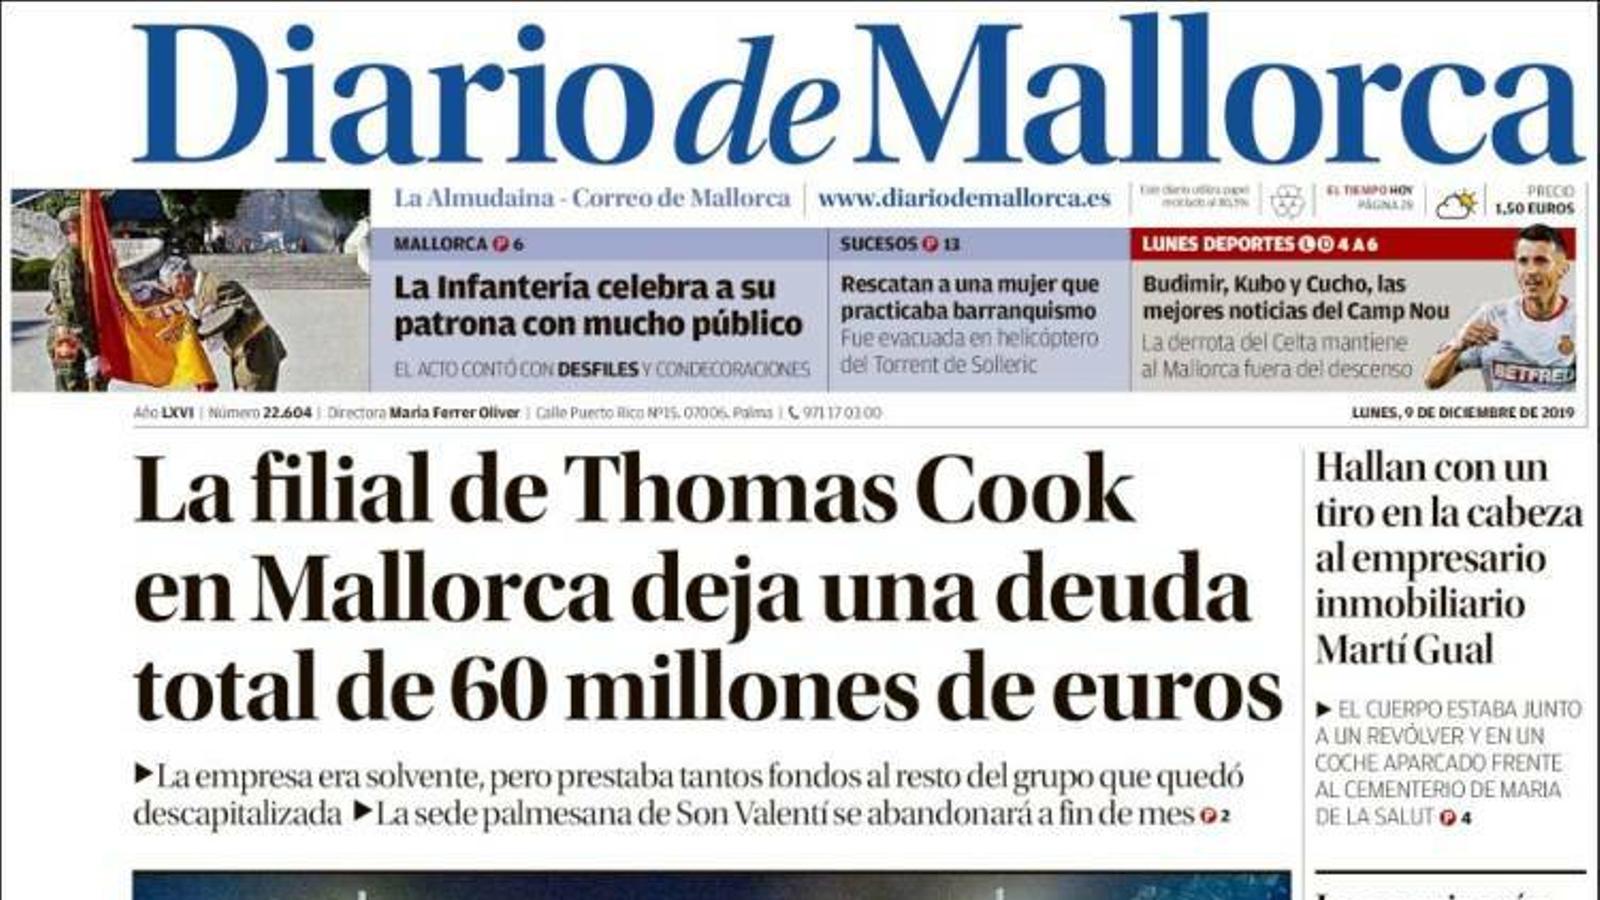 """""""La filial de Thomas Cook a Mallorca deixa un deute total de 60 milions d'euros"""", portada de 'Diario de Mallorca'"""